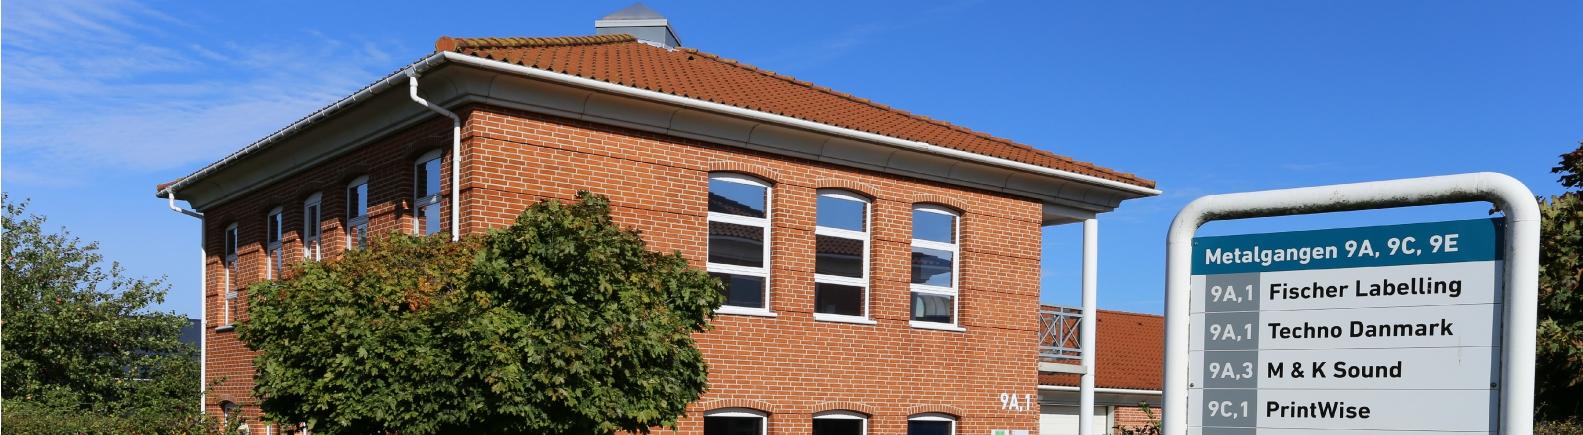 9A-facade_beskåret